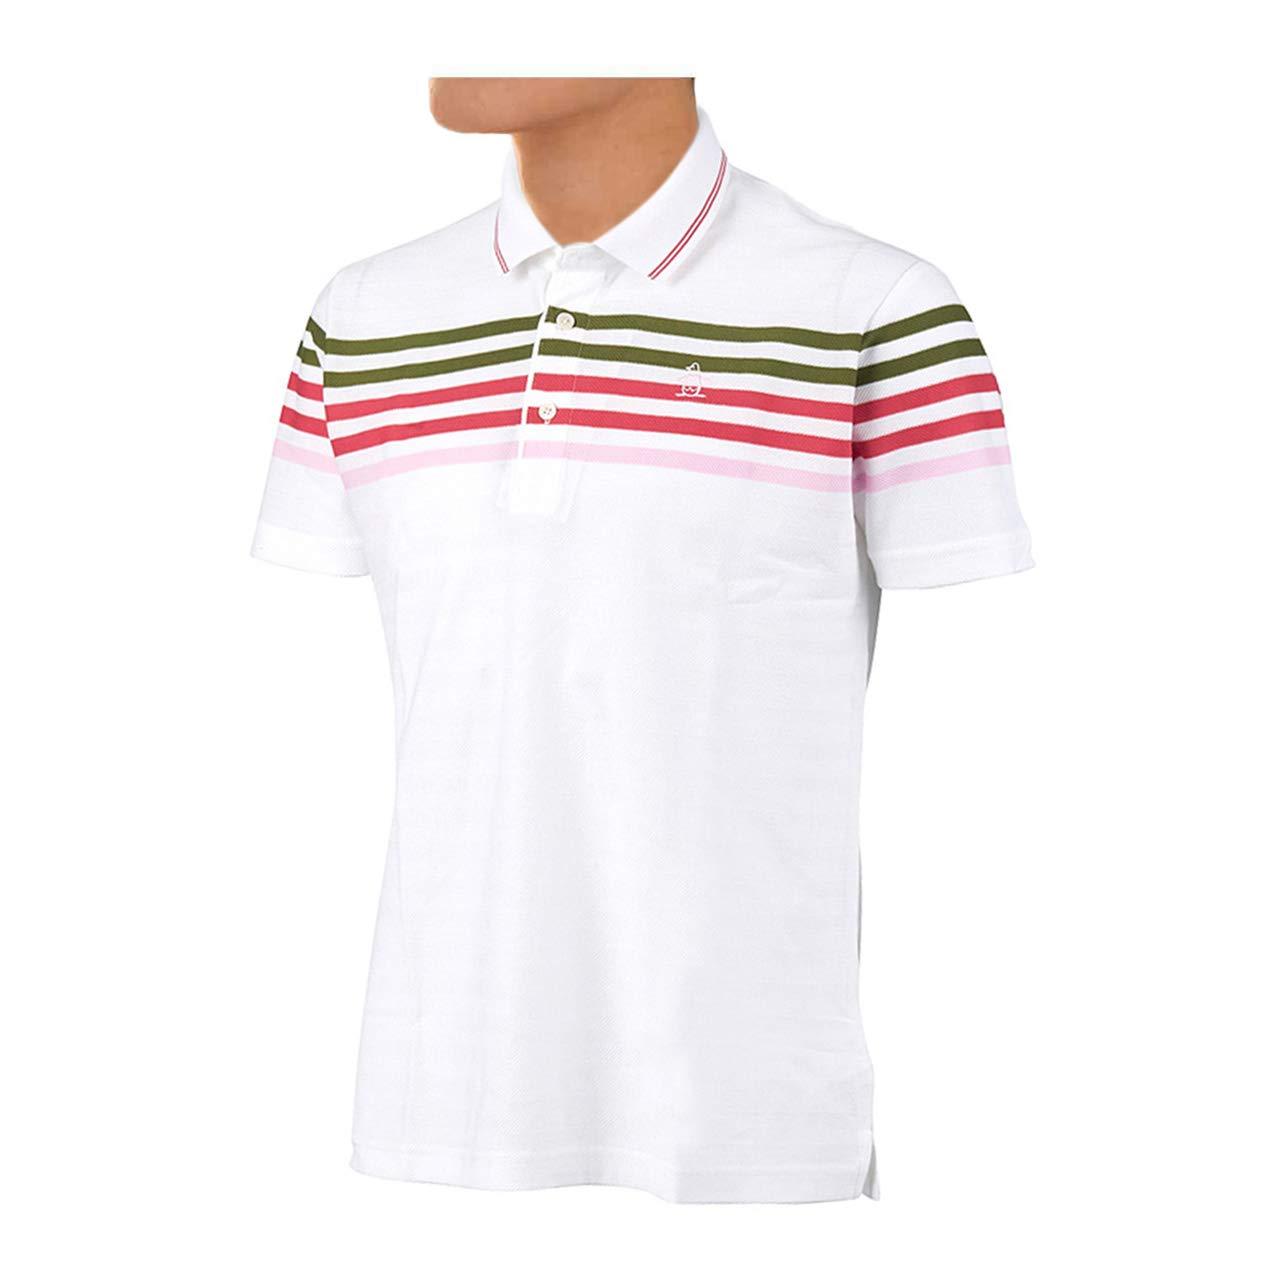 マンシングウェア(Munsingwear) 半袖シャツ MGMLGA08 WH00 ホワイト L   B07BHH4B2V